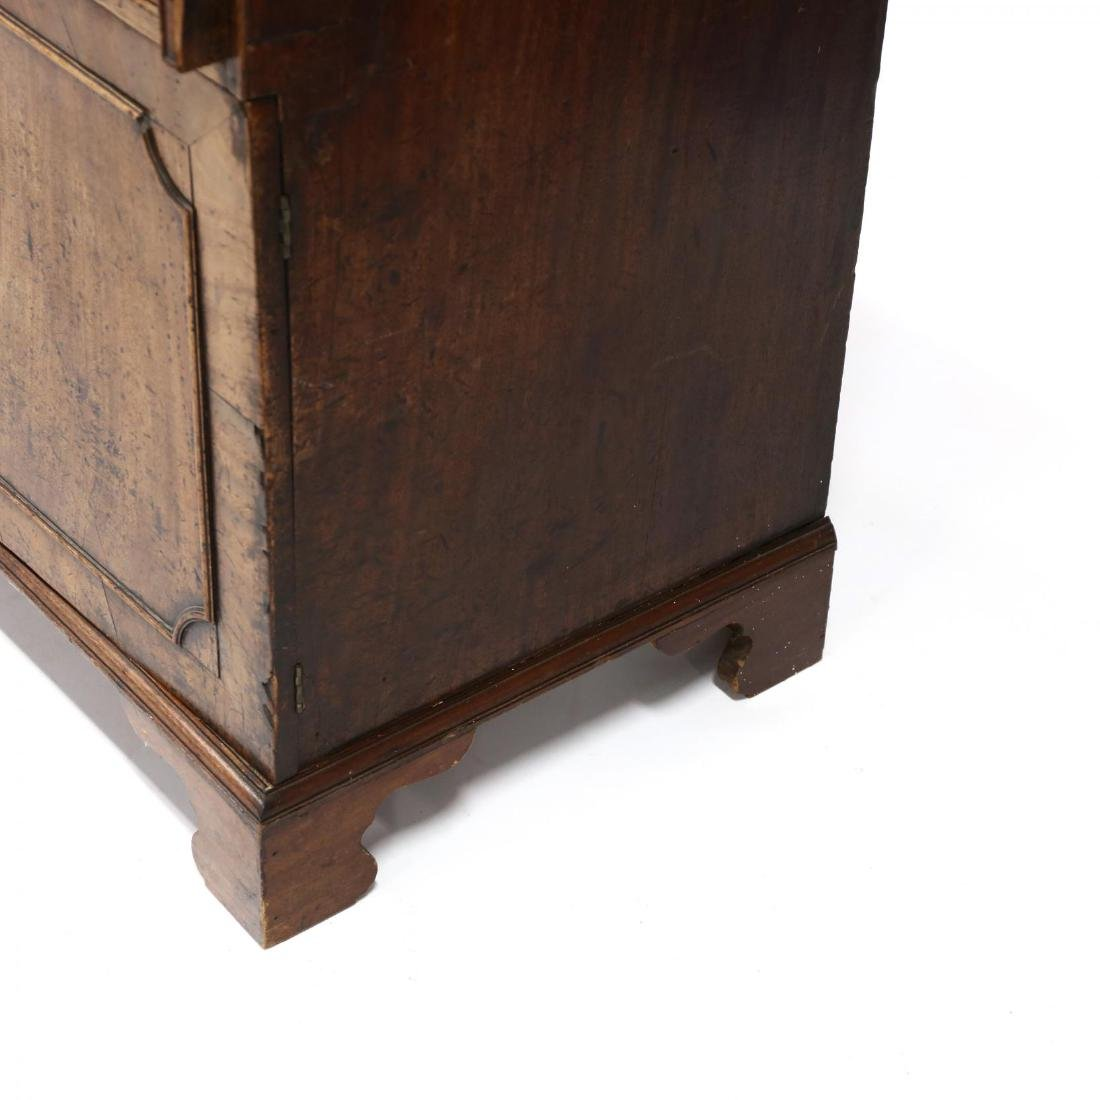 Continental Antique Slant Front Desk - 4